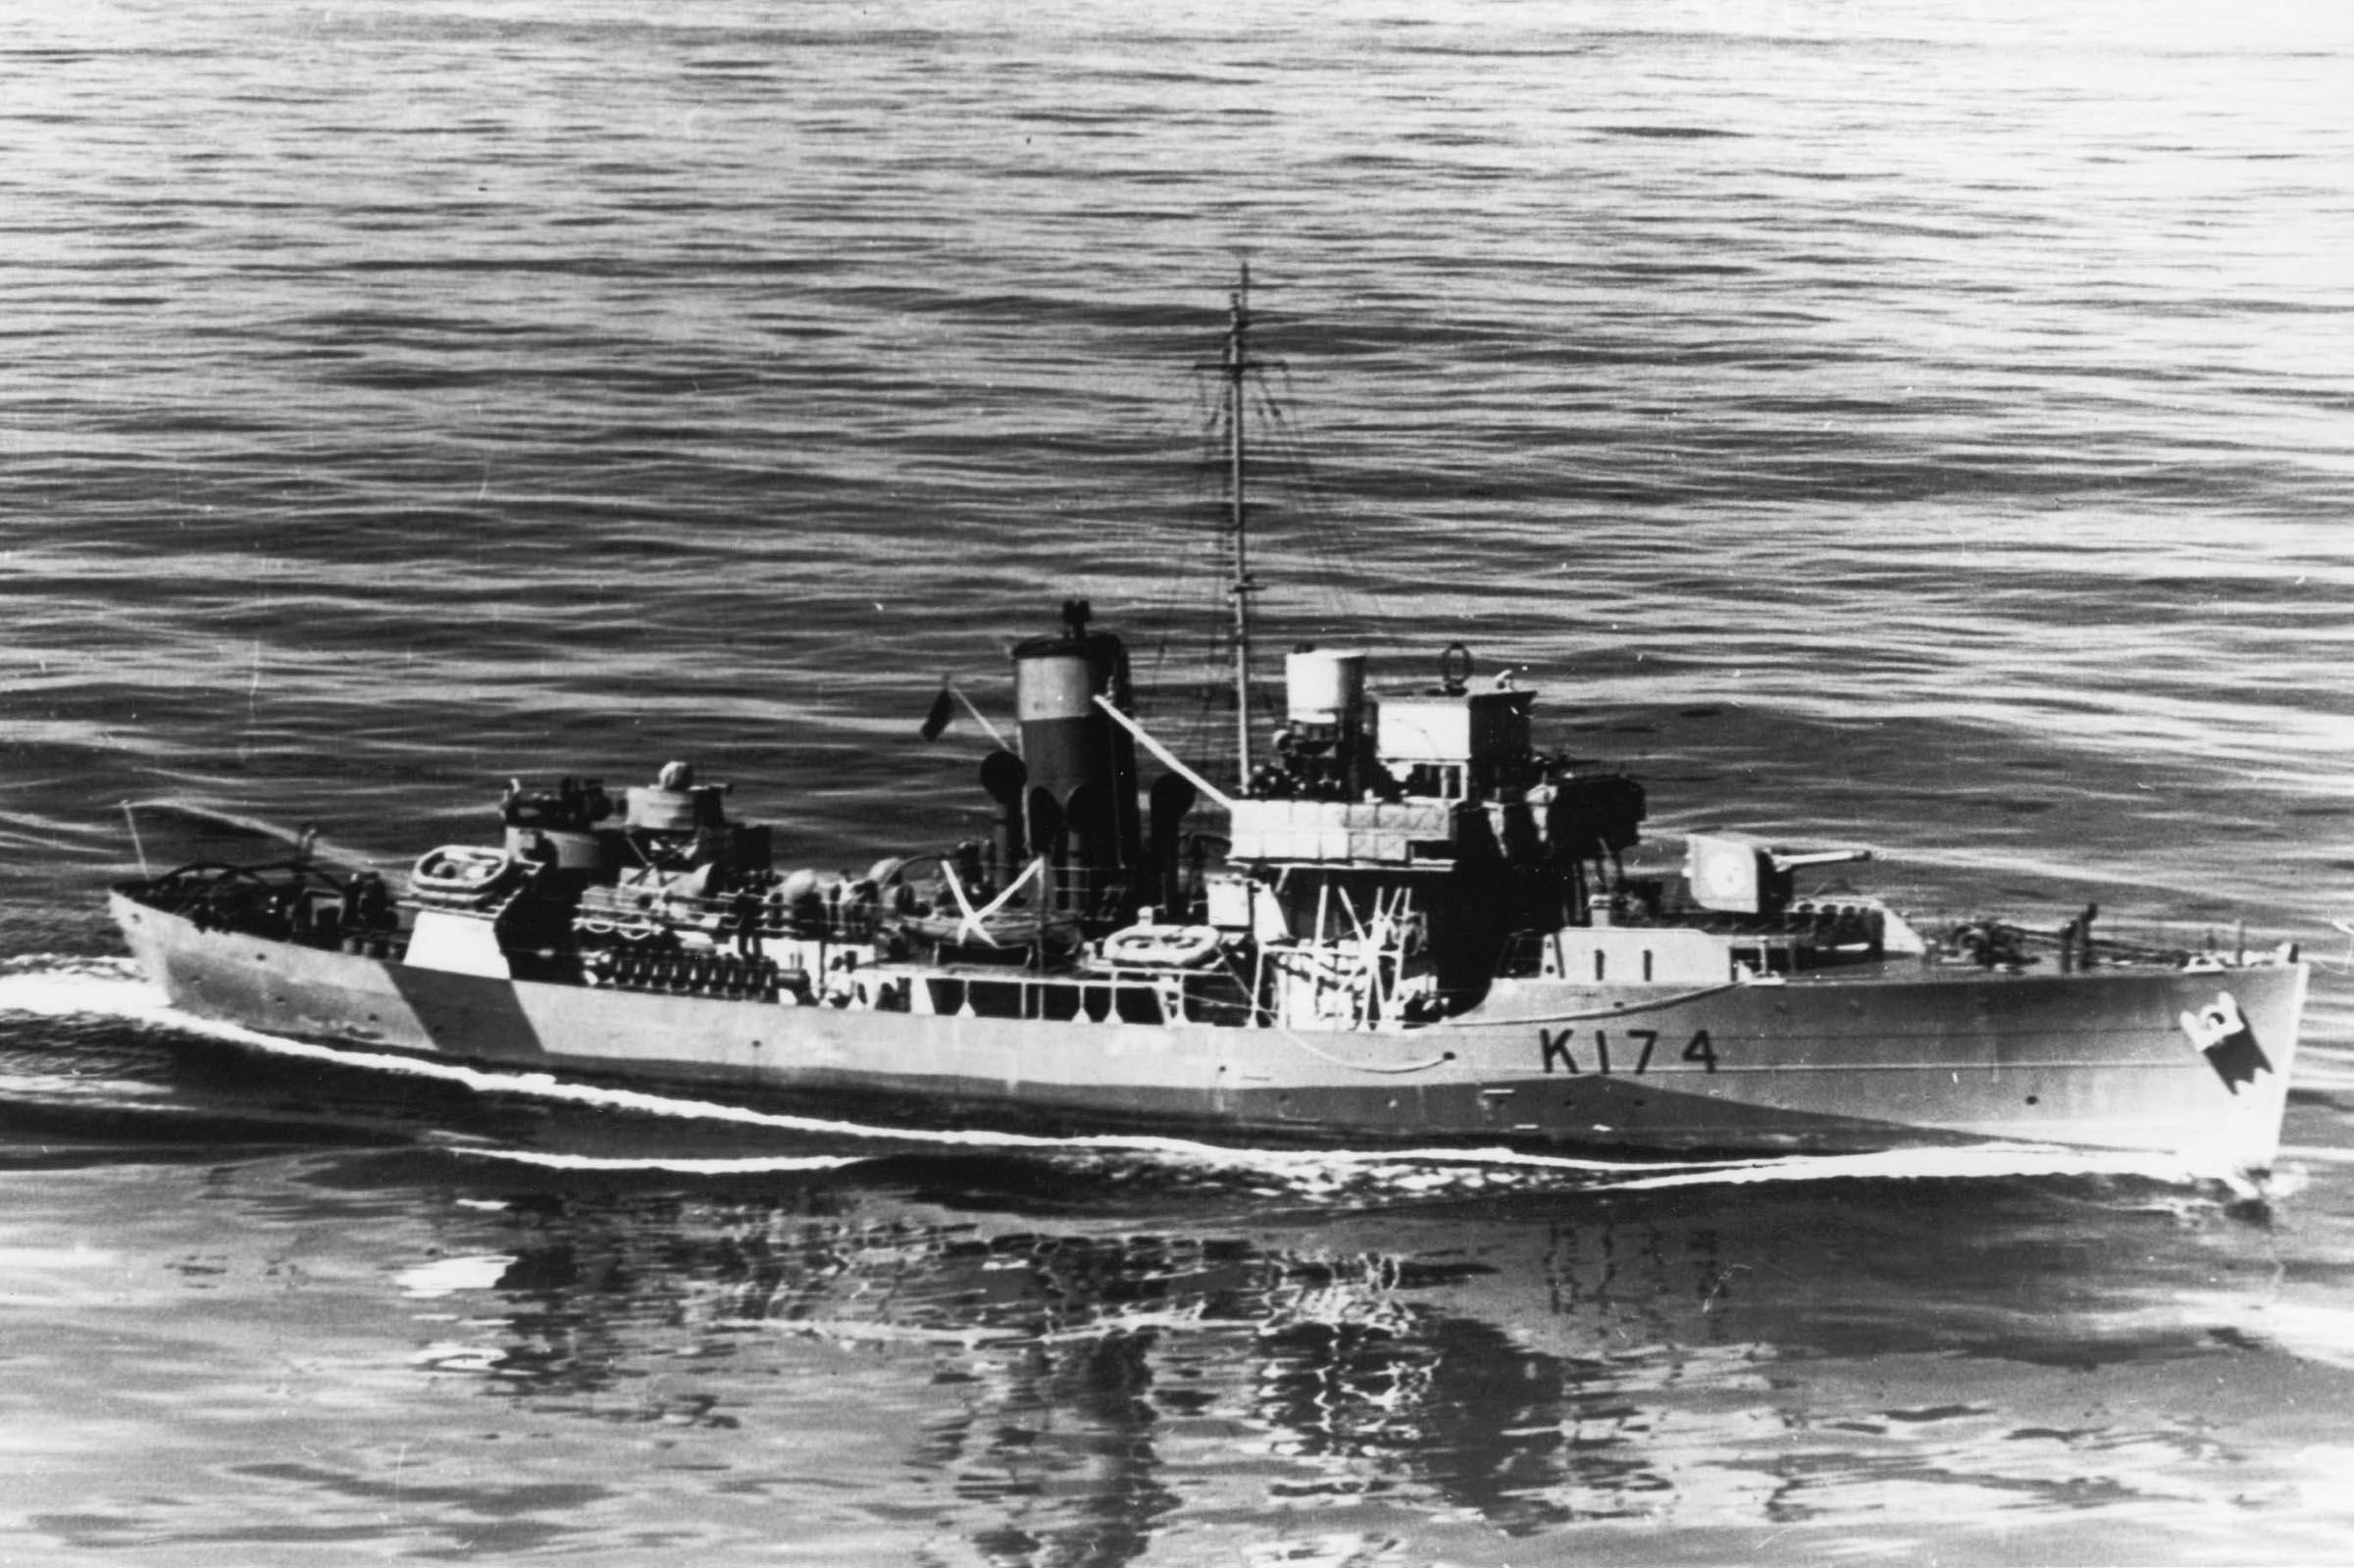 HMCS TRAIL